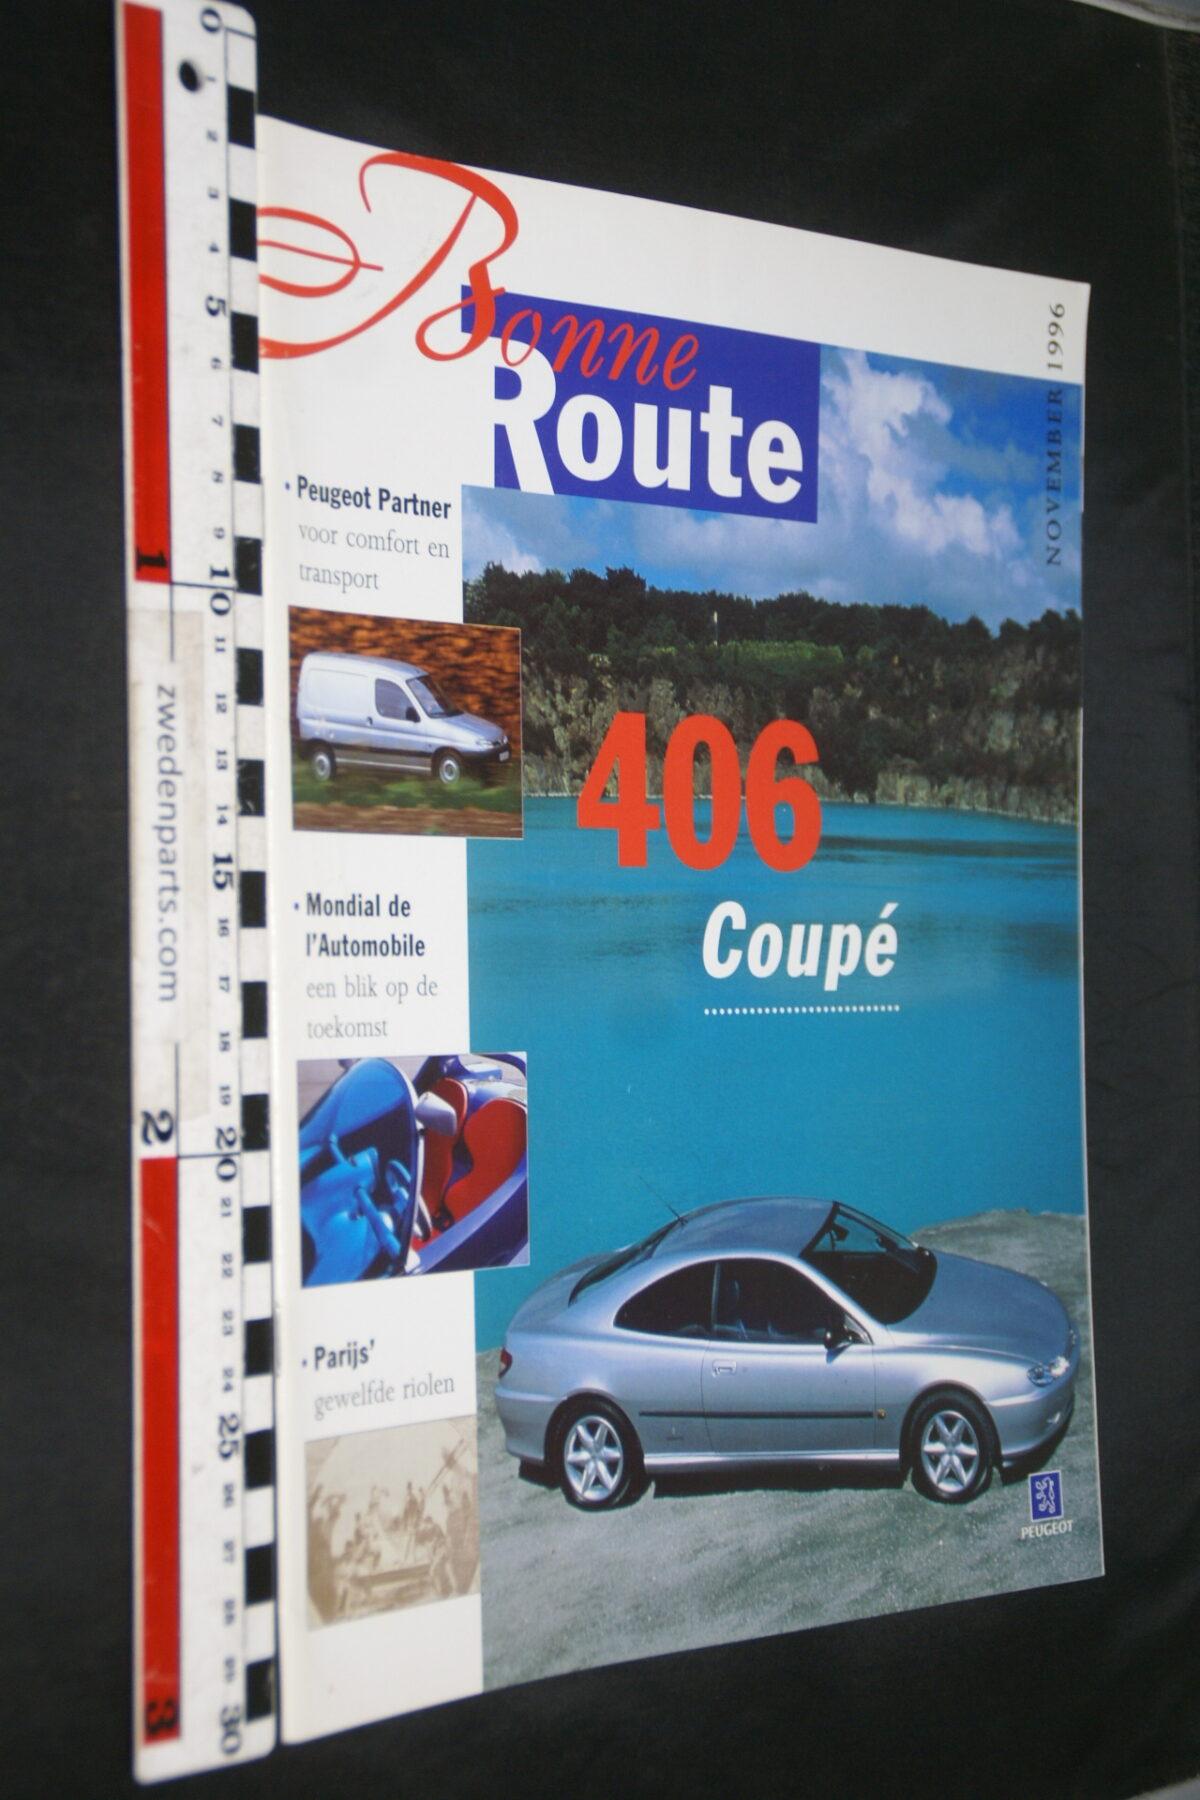 DSC08380 origineel tijdschrift Bonne Route met Renault 406 coupe-682c6dee